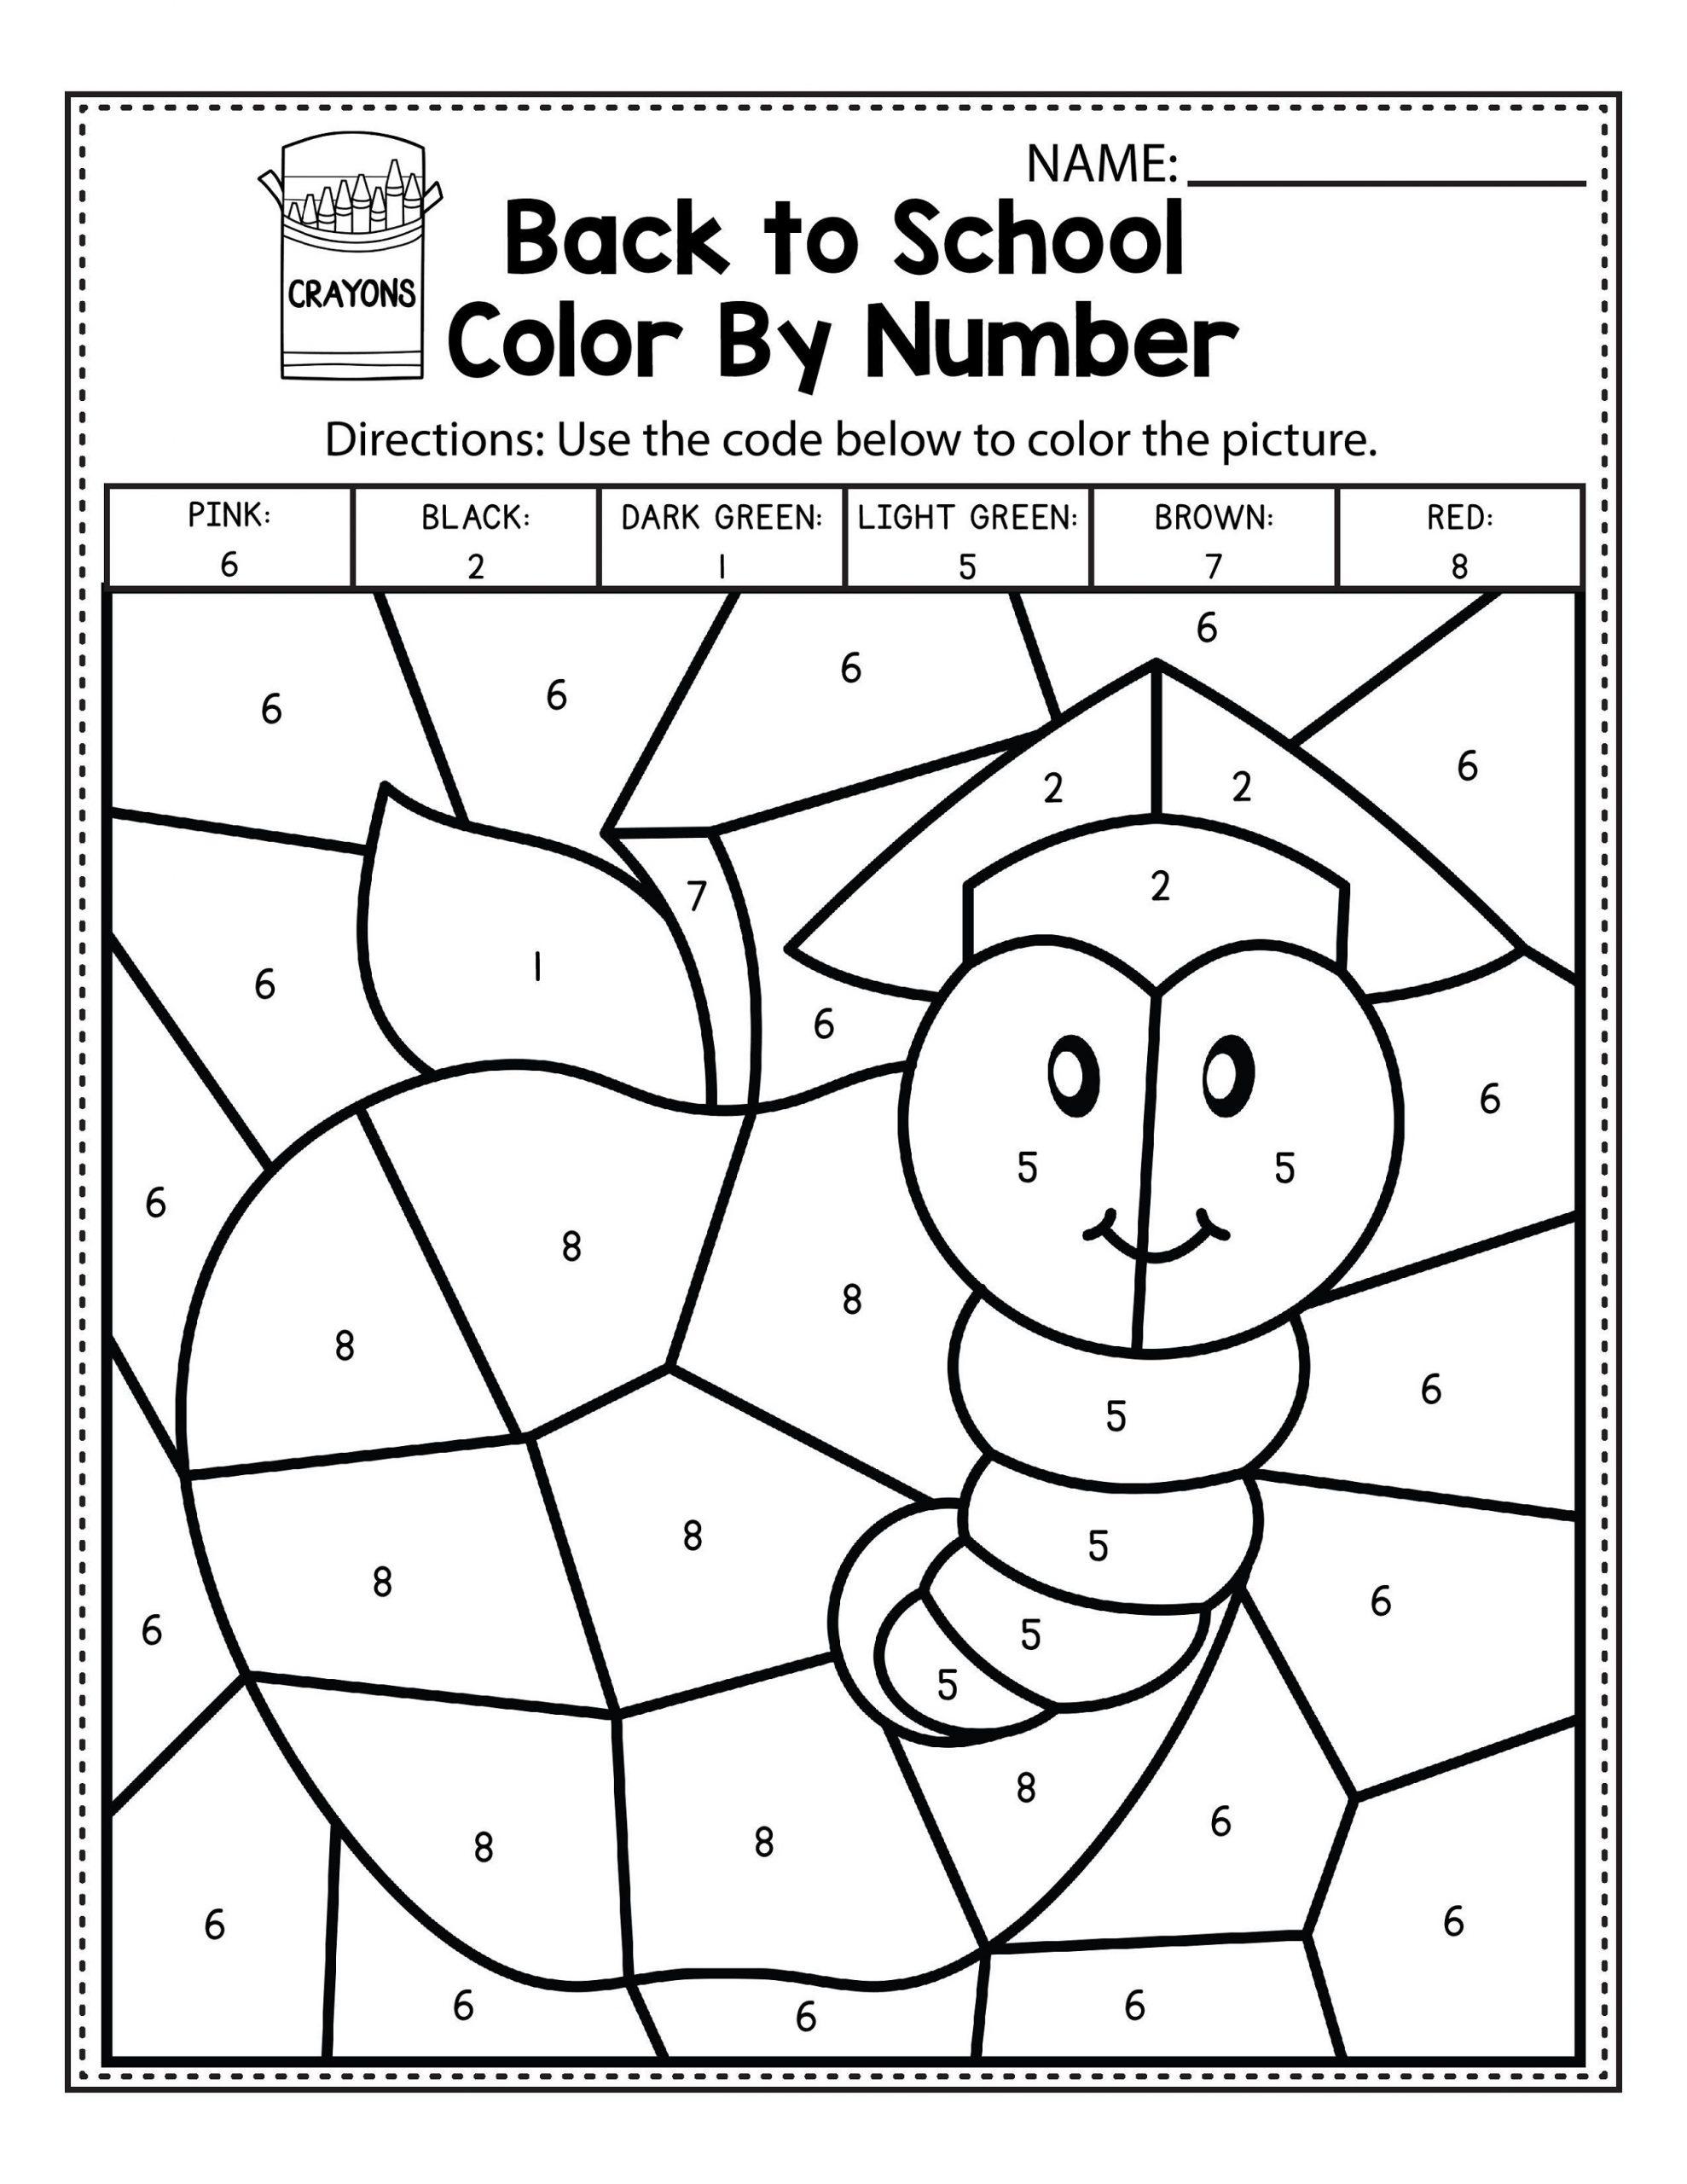 Easy Color By Number Worksheets For Kindergarten